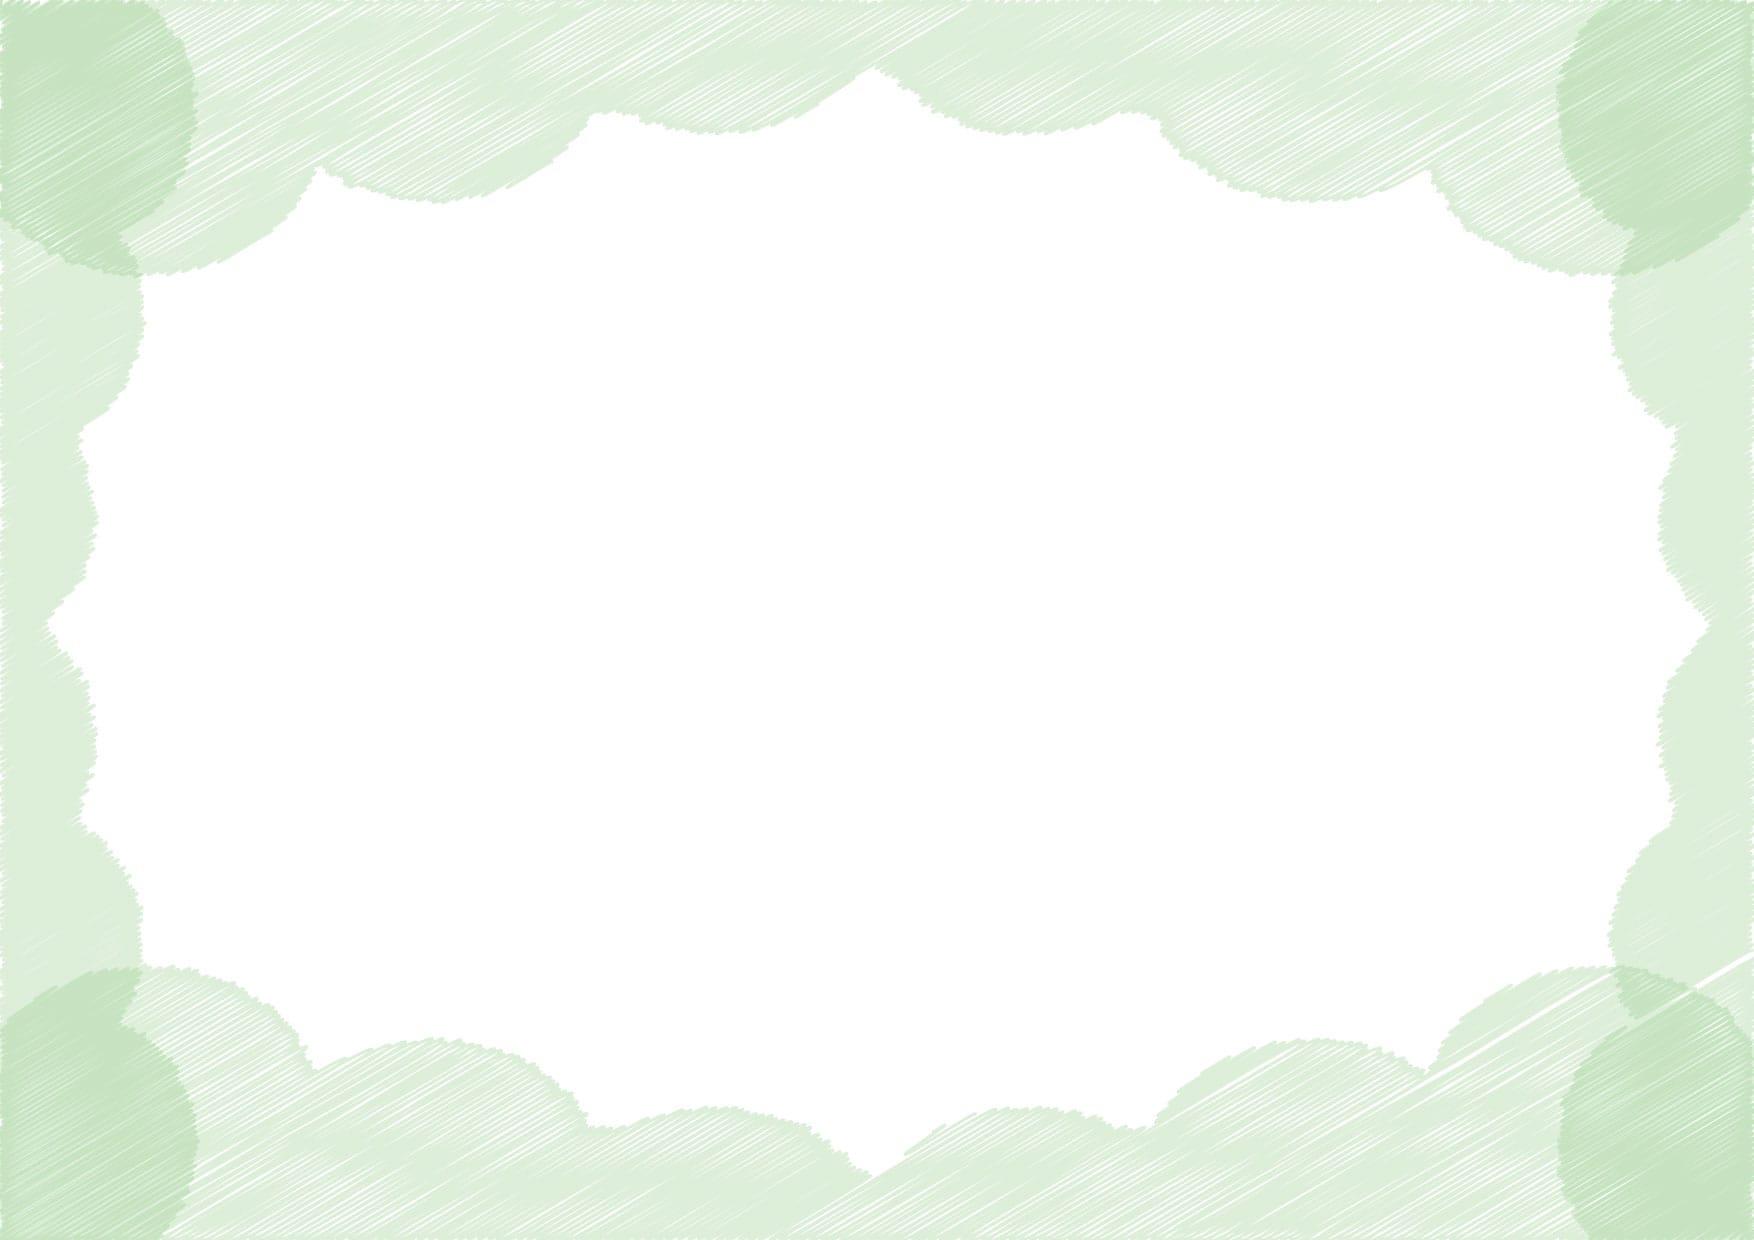 可愛いイラスト無料|背景 雲 ラフ 緑色 − free illustration  Background cloud rough green